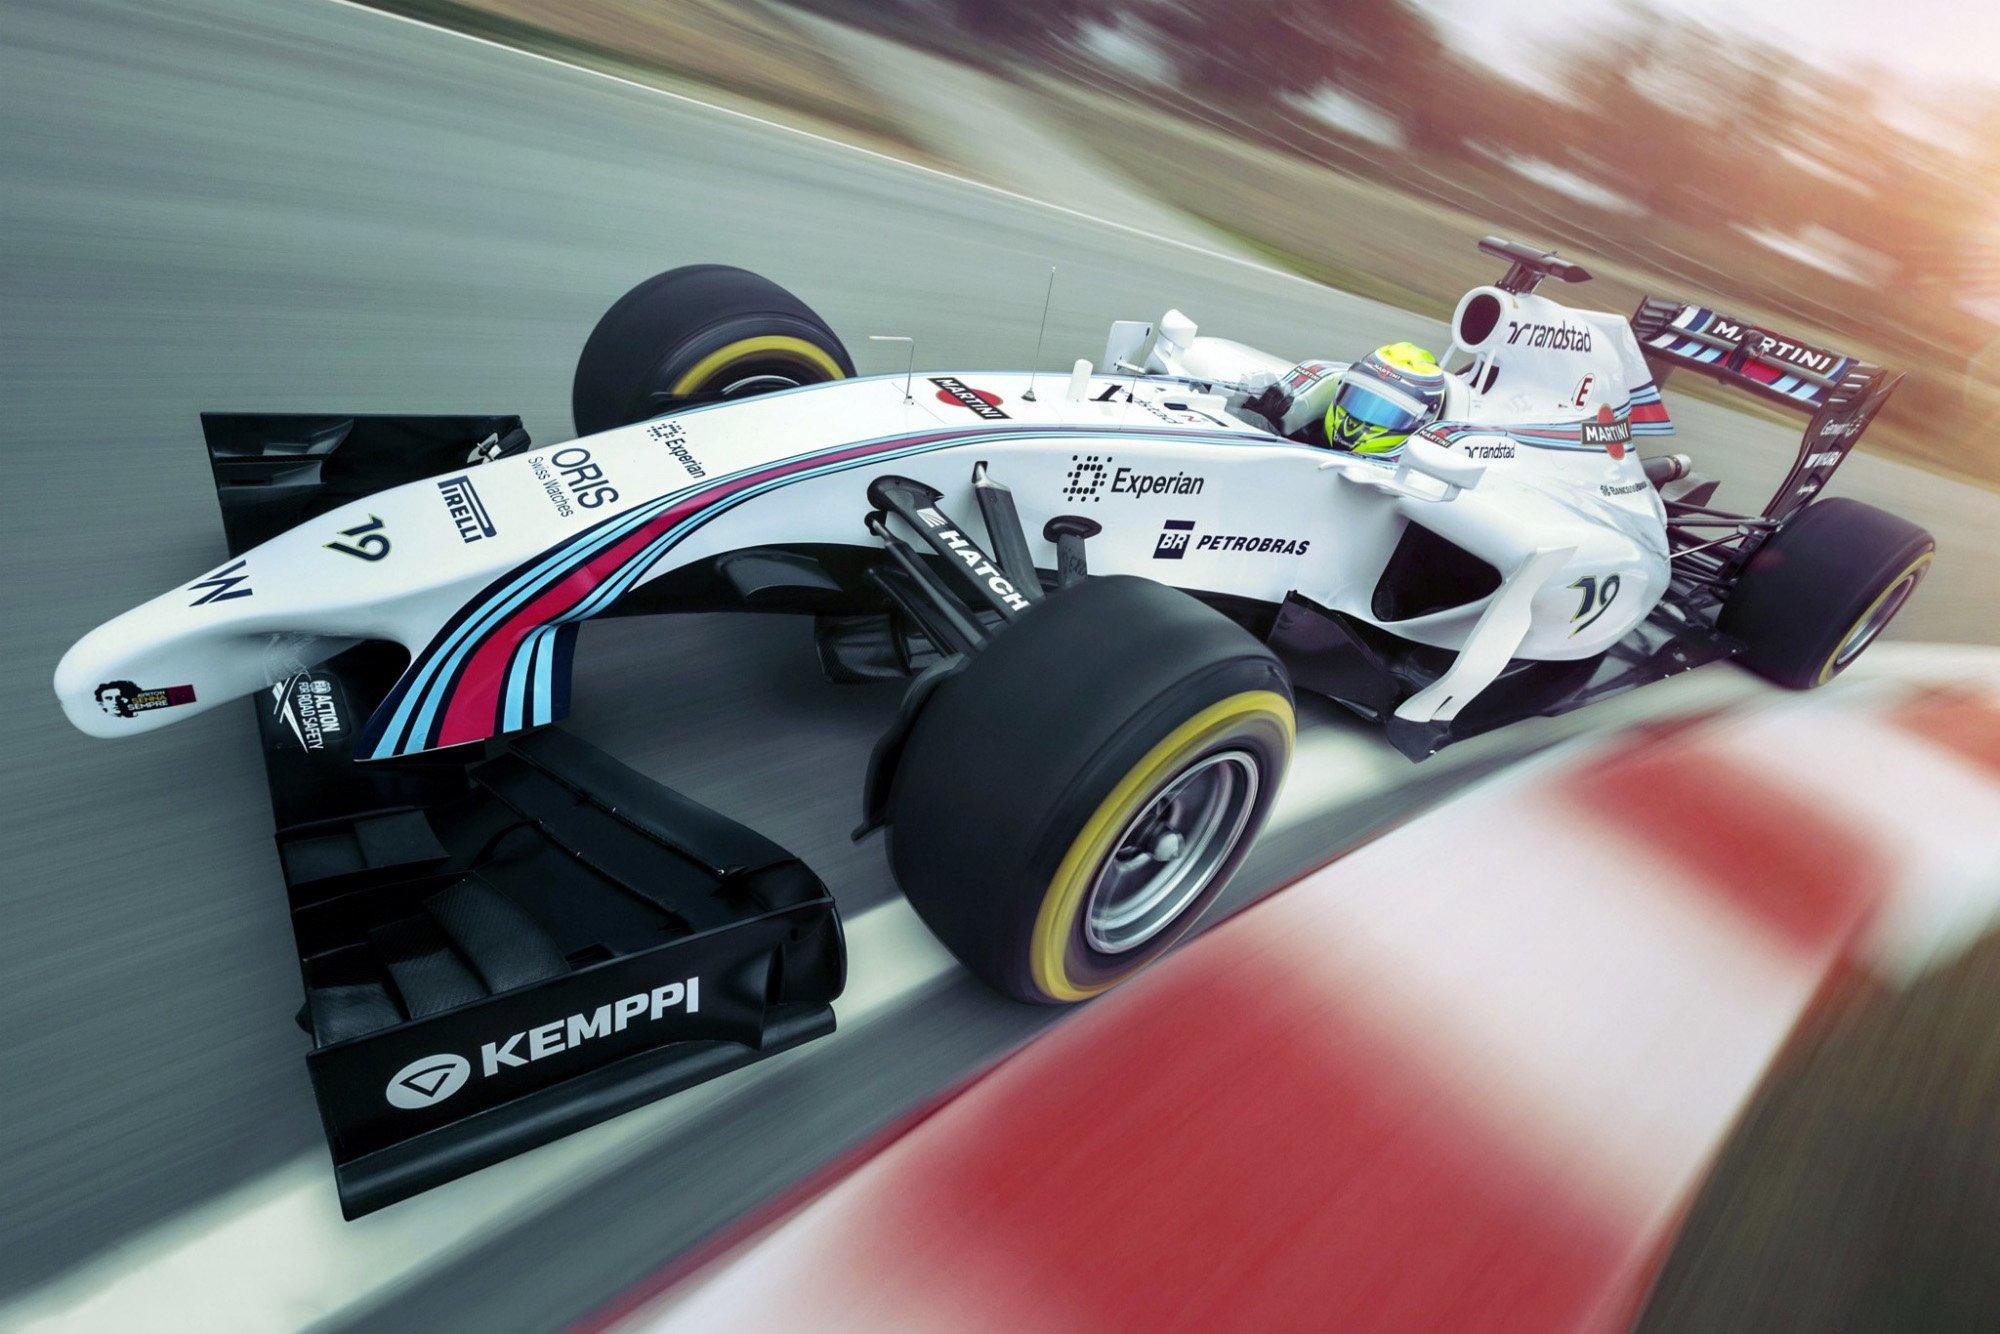 Williams Martini FW36 2014